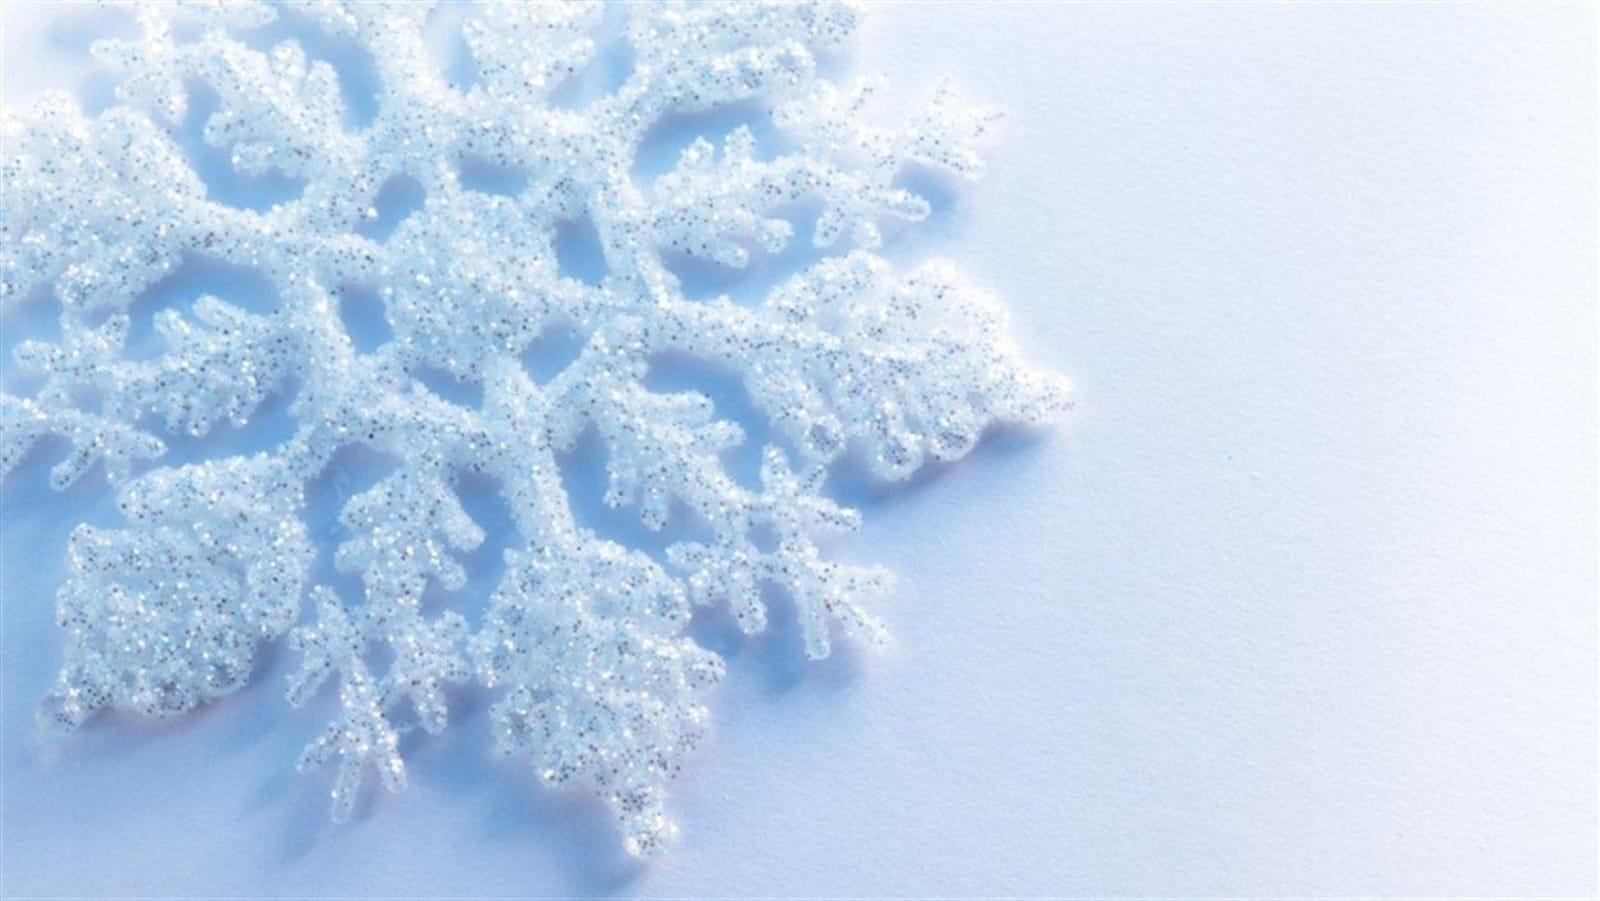 Un flocon de neige